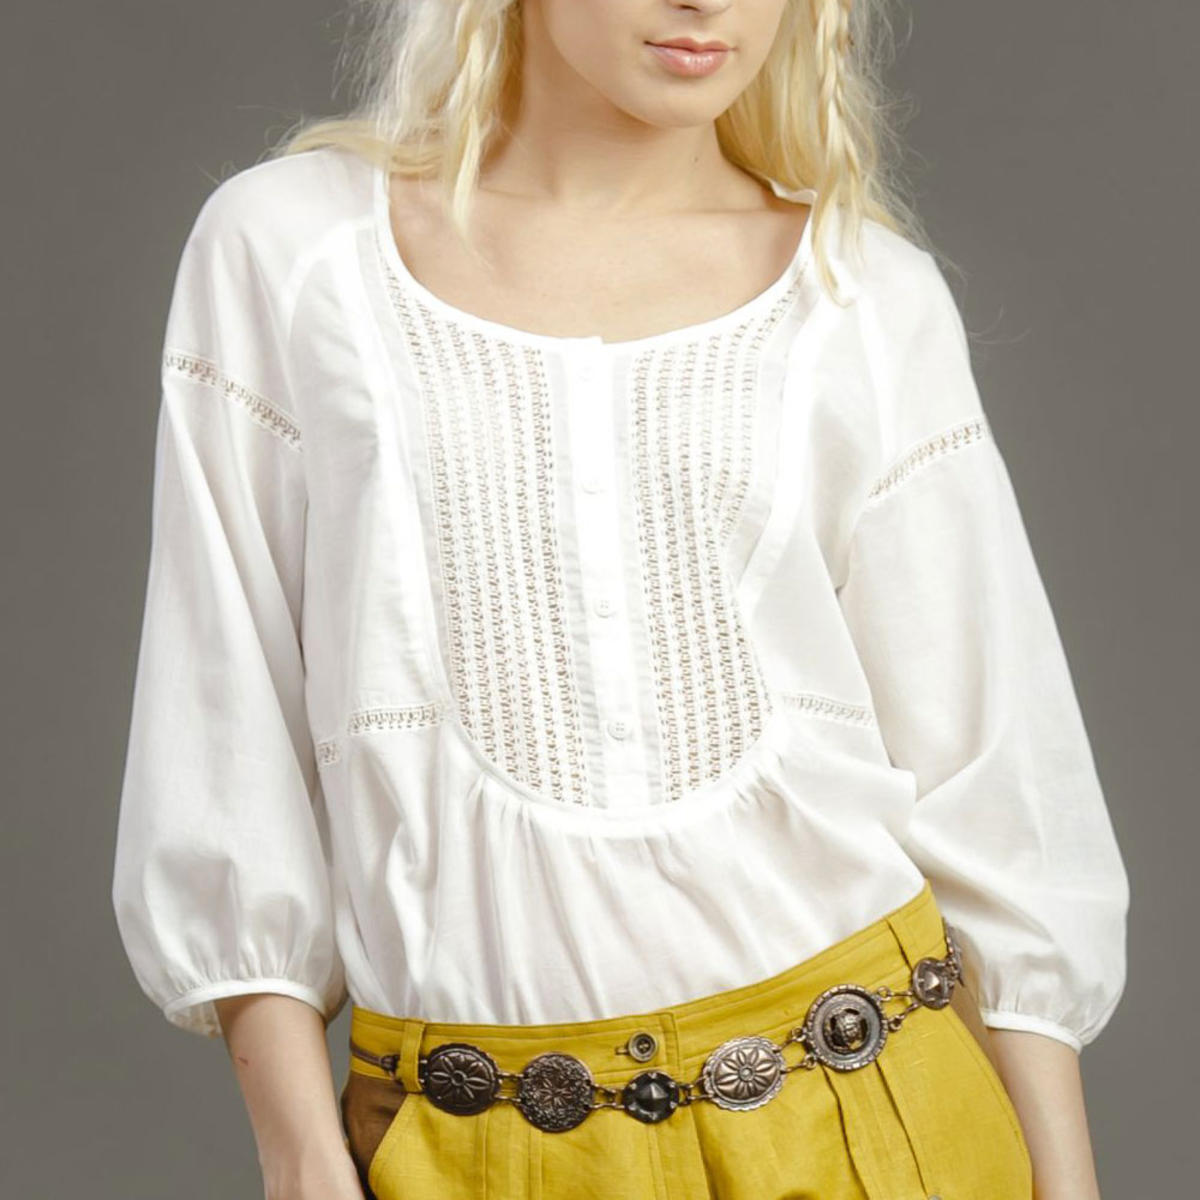 Сколько Стоит Белая Блузка